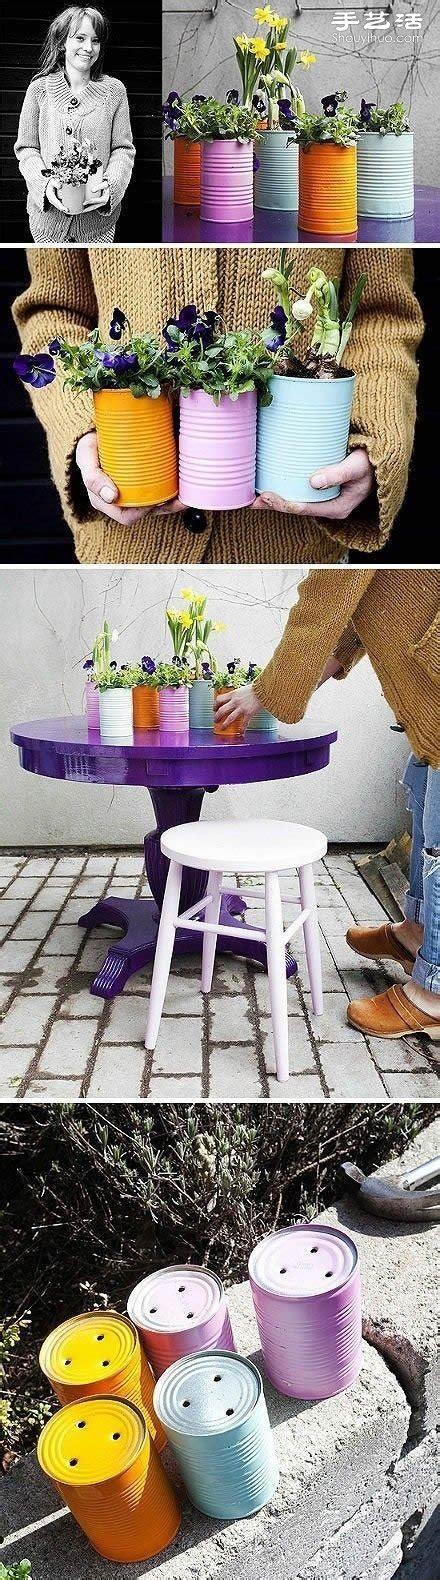 奶粉罐巧利用 DIY手工制作漂亮花盆_手艺活网